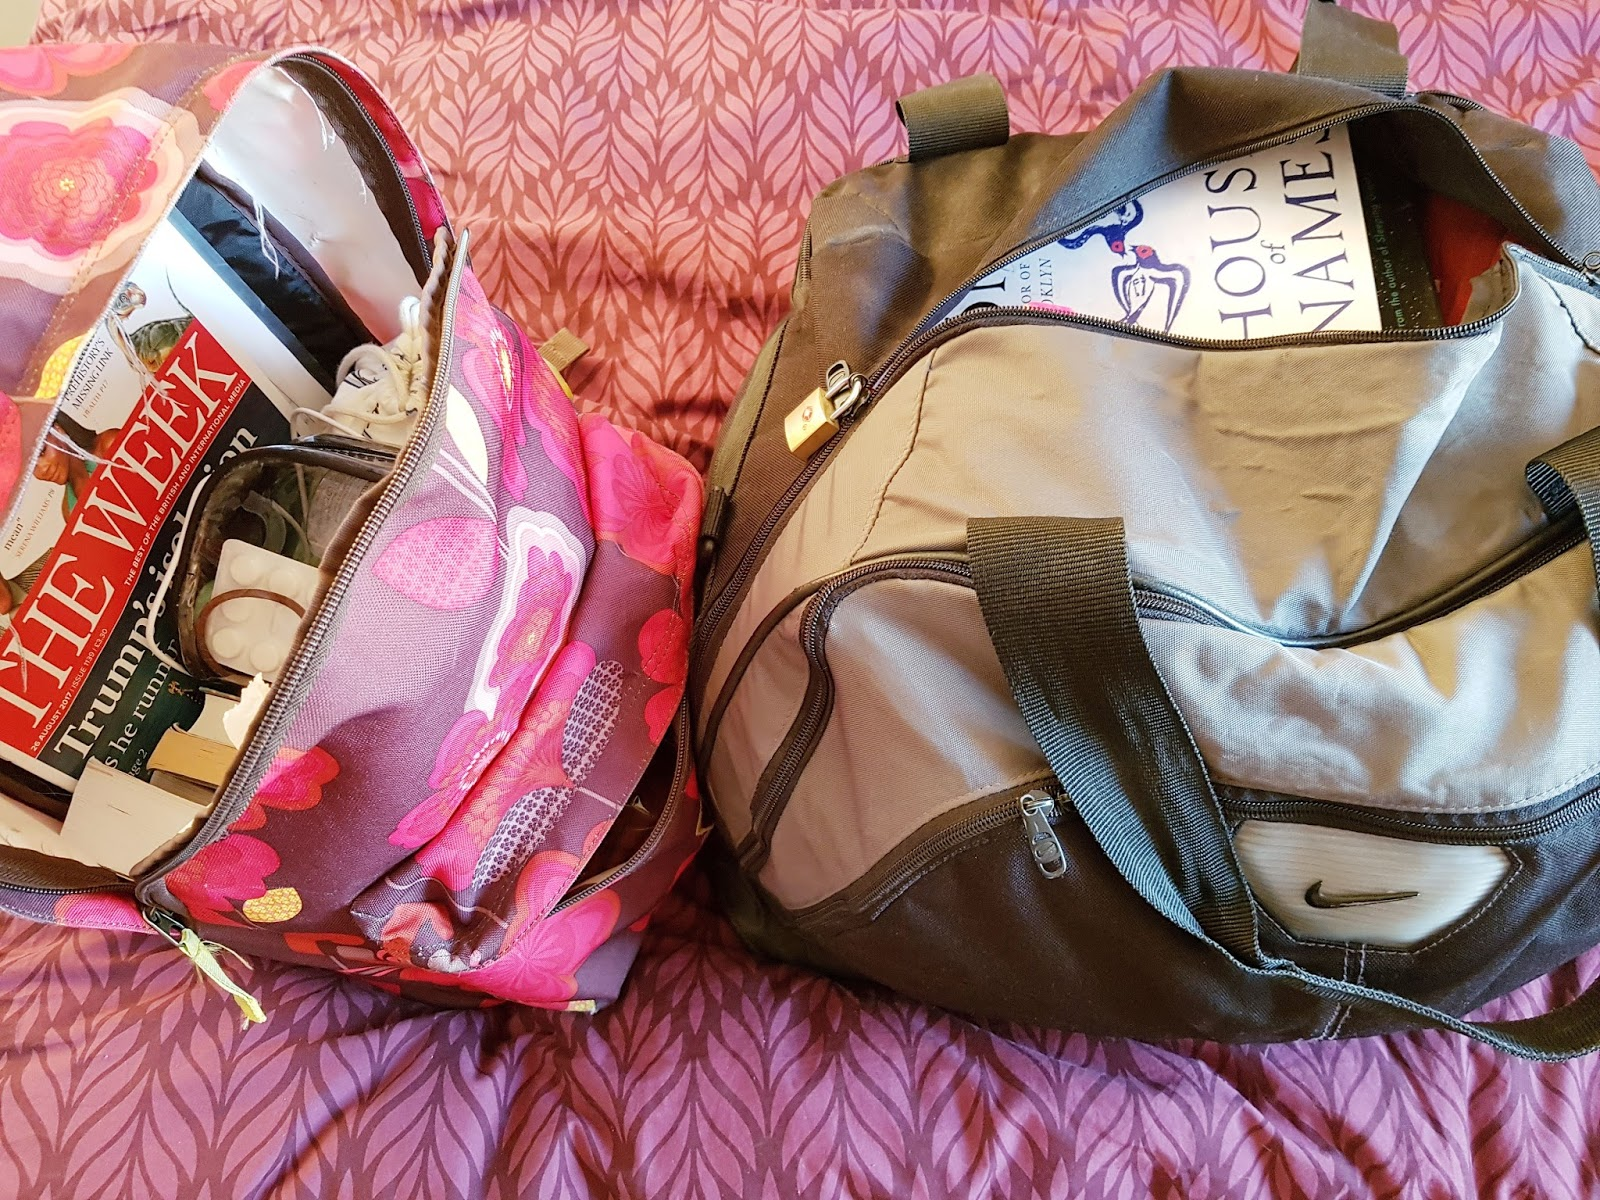 Japan Packing